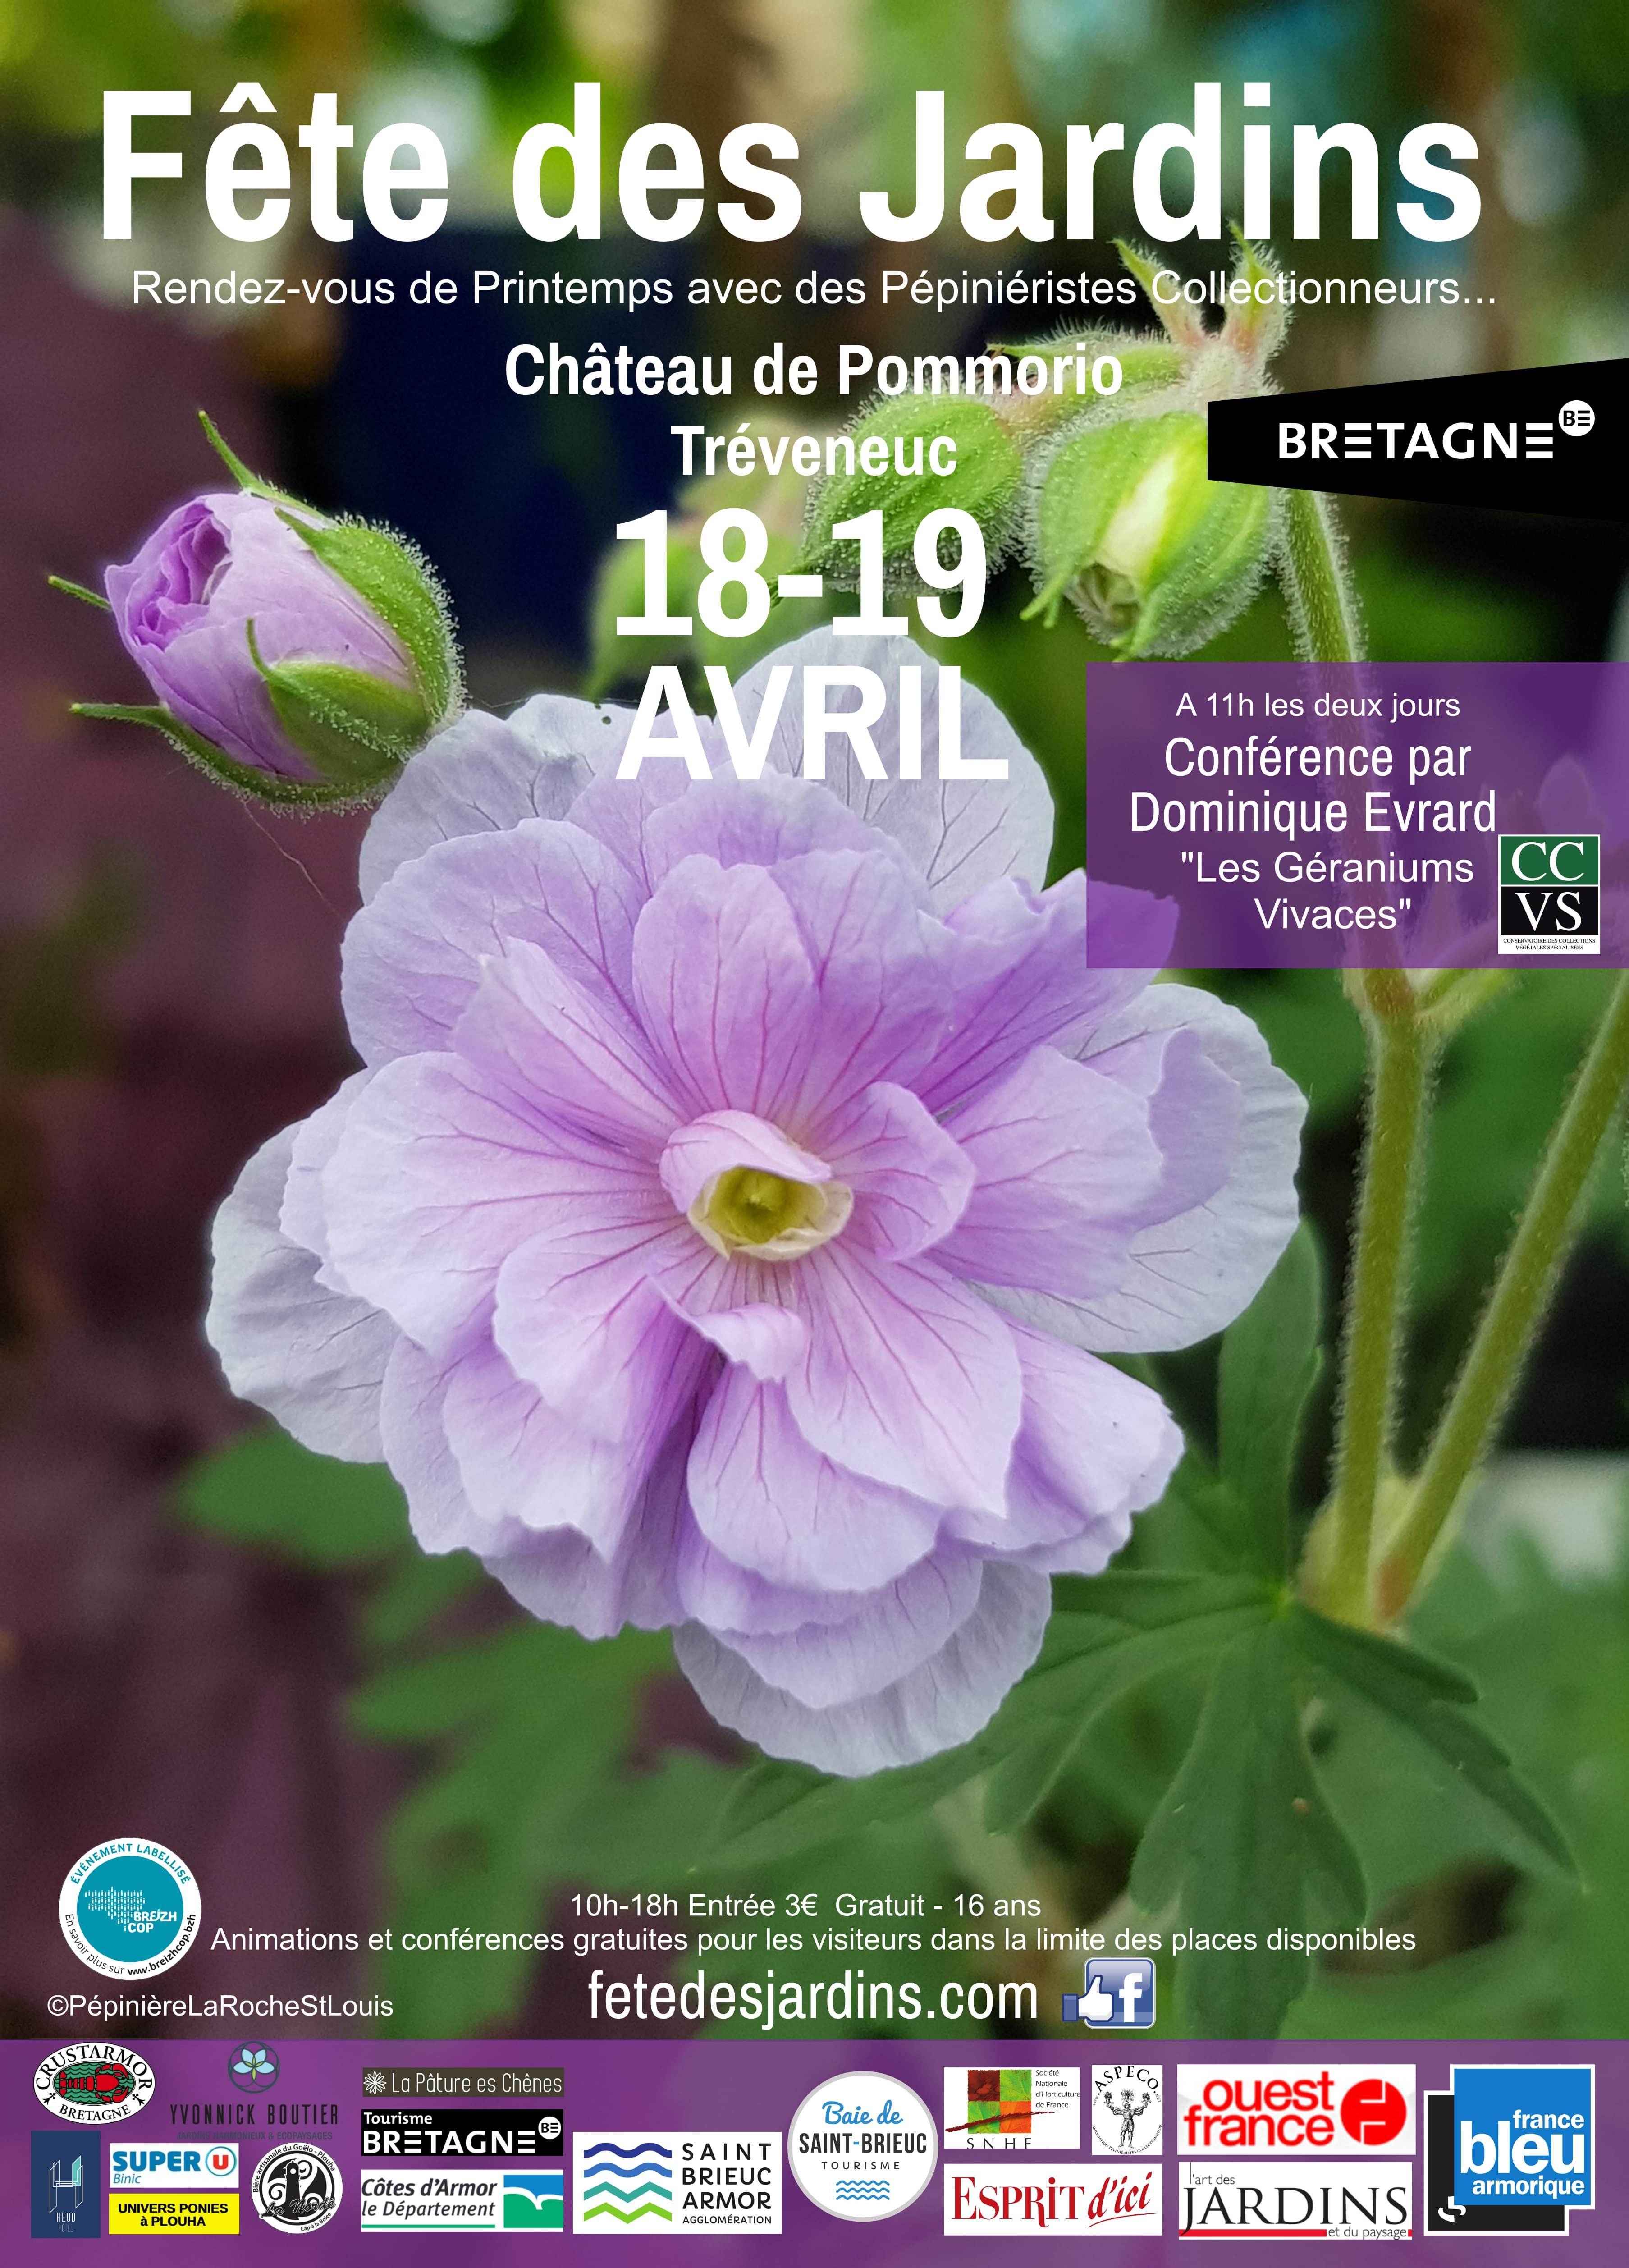 affiche 18-19 avril fête des plantes pommorio